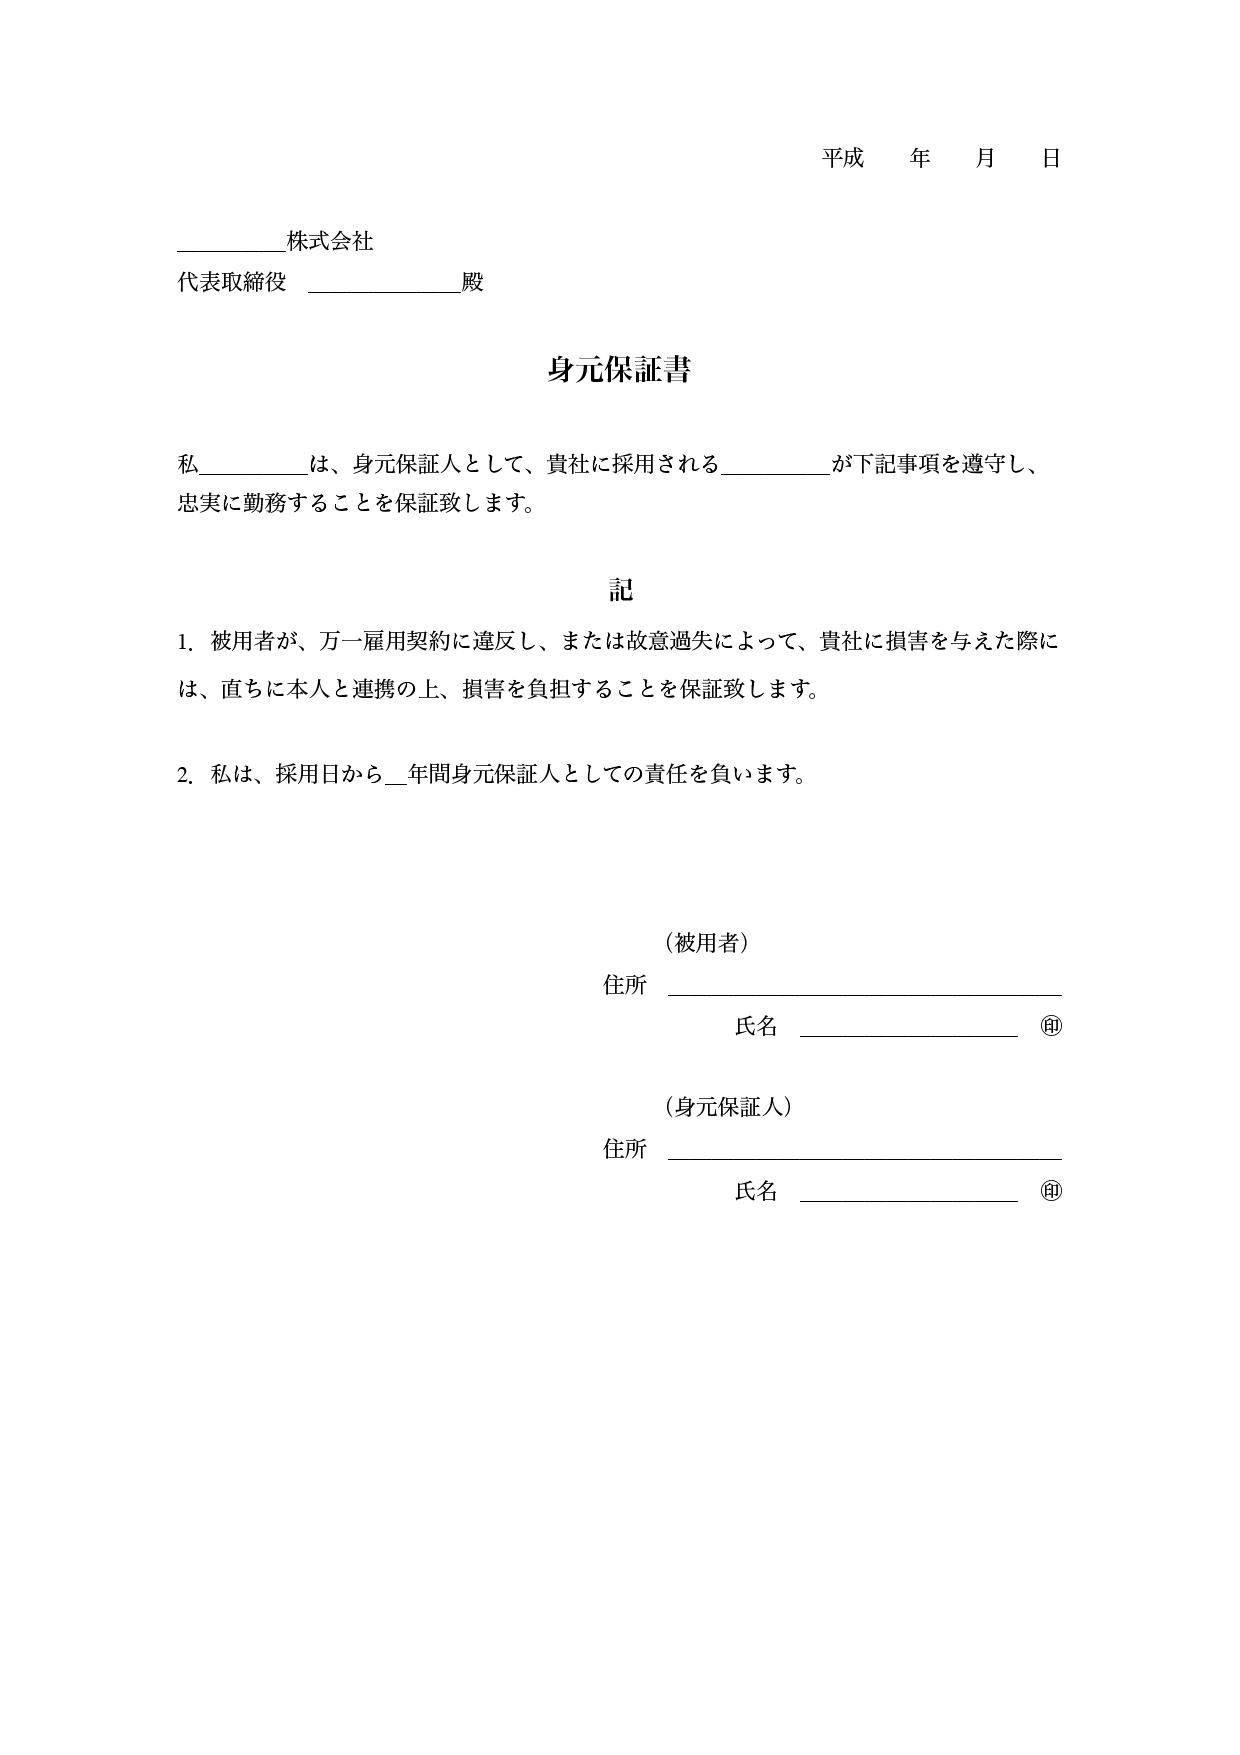 身元保証書 テンプレート(ワード・ページズ)